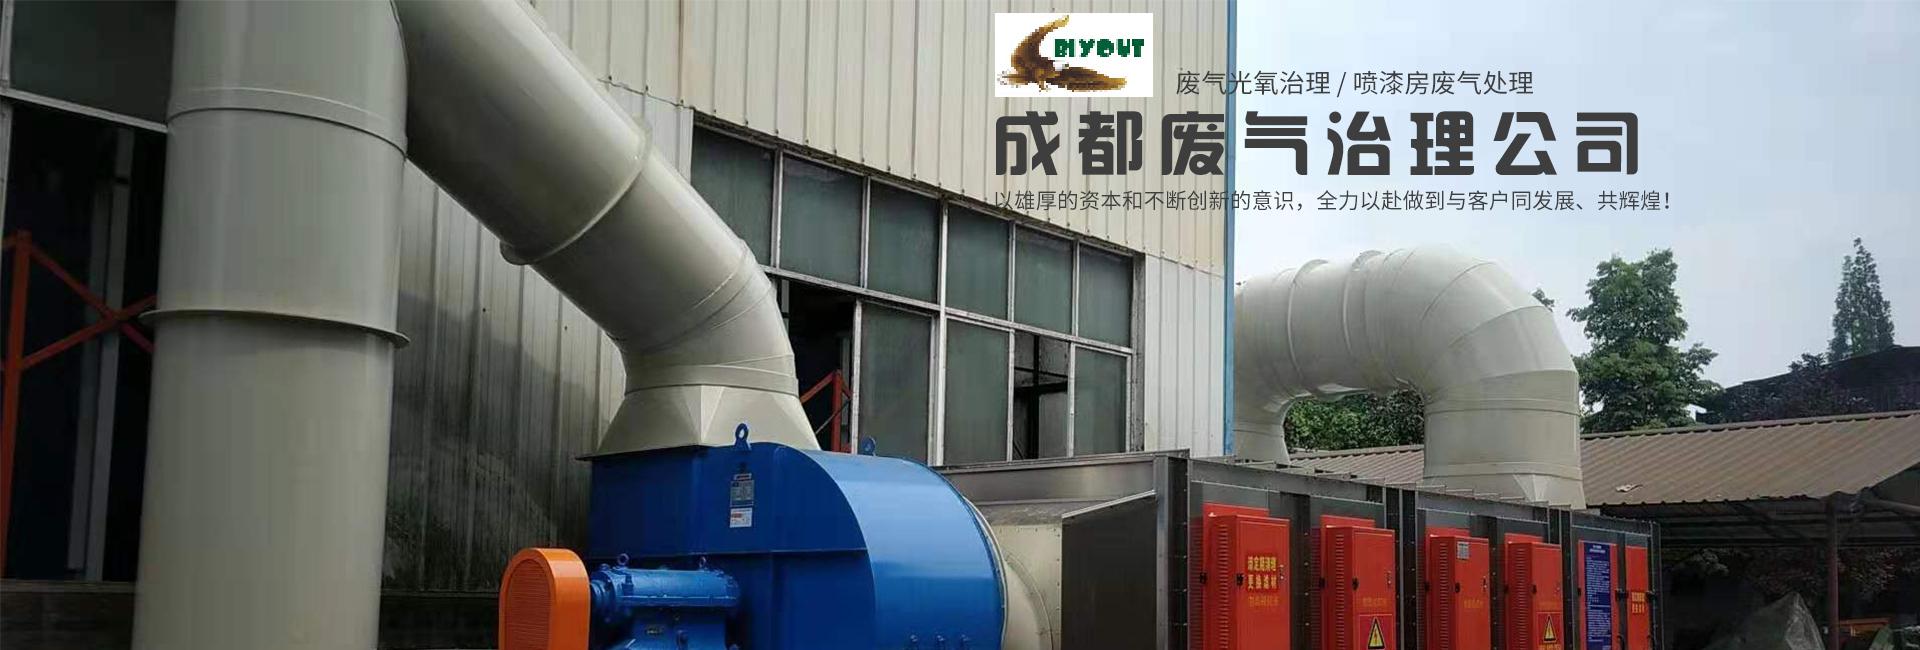 废气处理公司